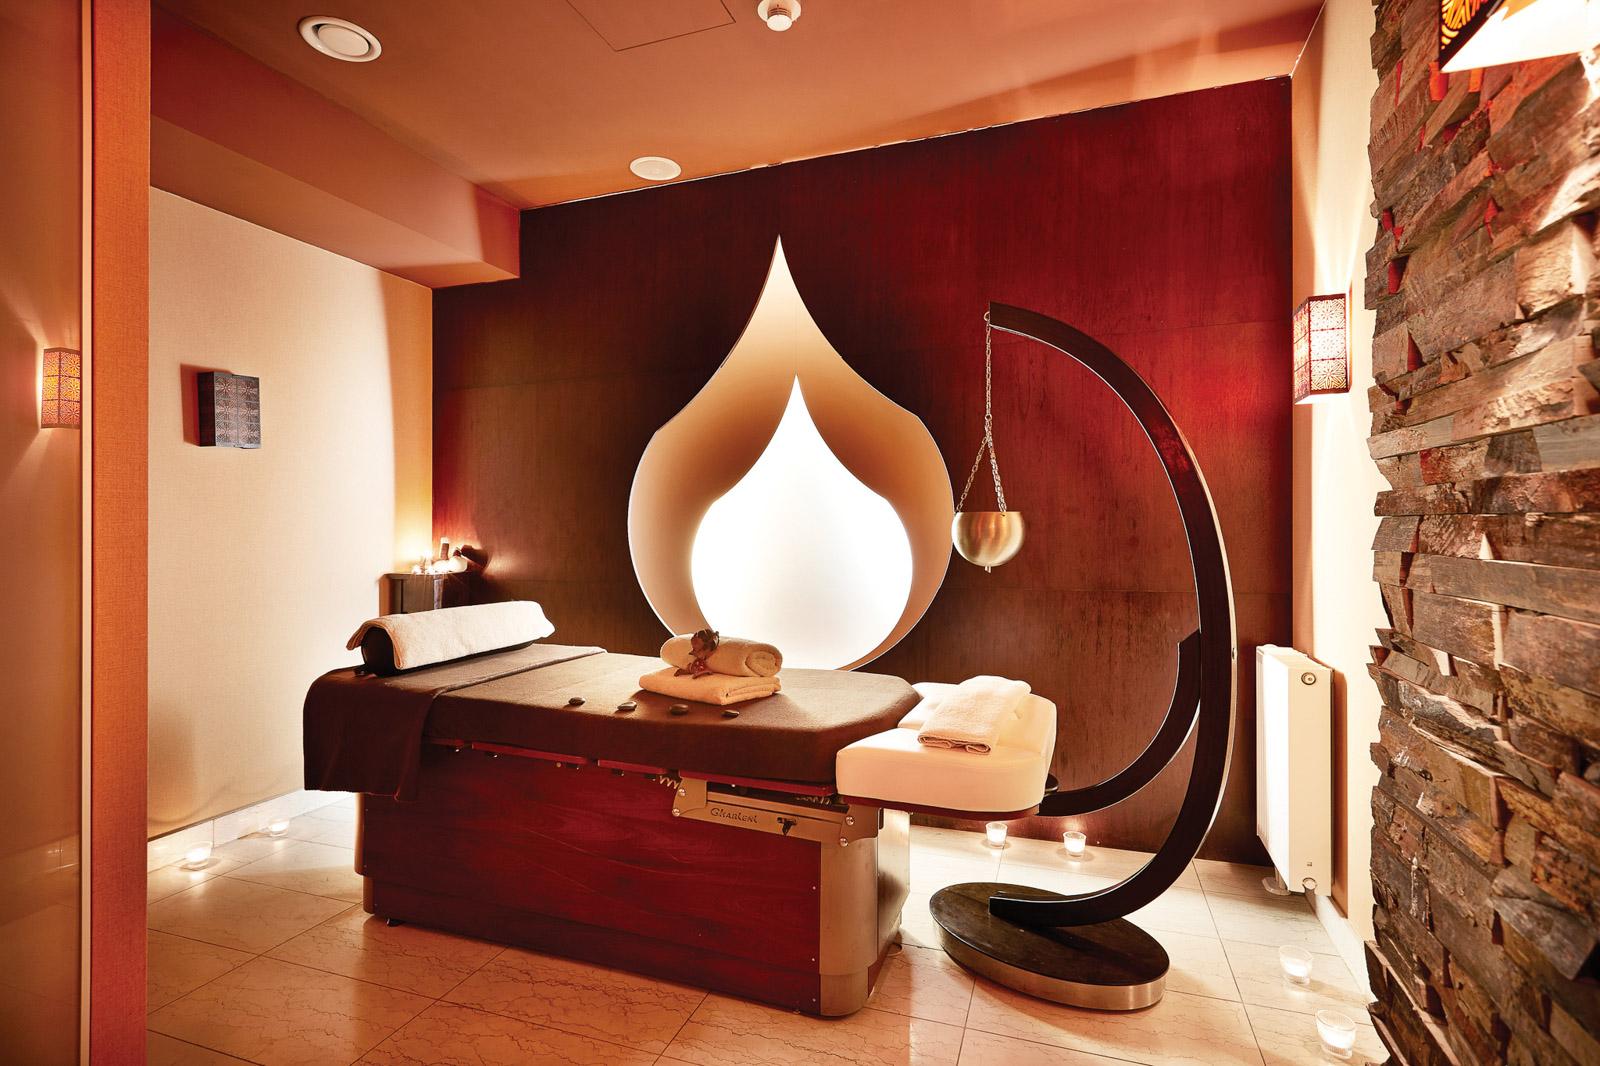 Sand_Hotel-by_Zdrojowa-Kolobrzeg-Wellness-Gabinet-Cabinet-04-HiRes